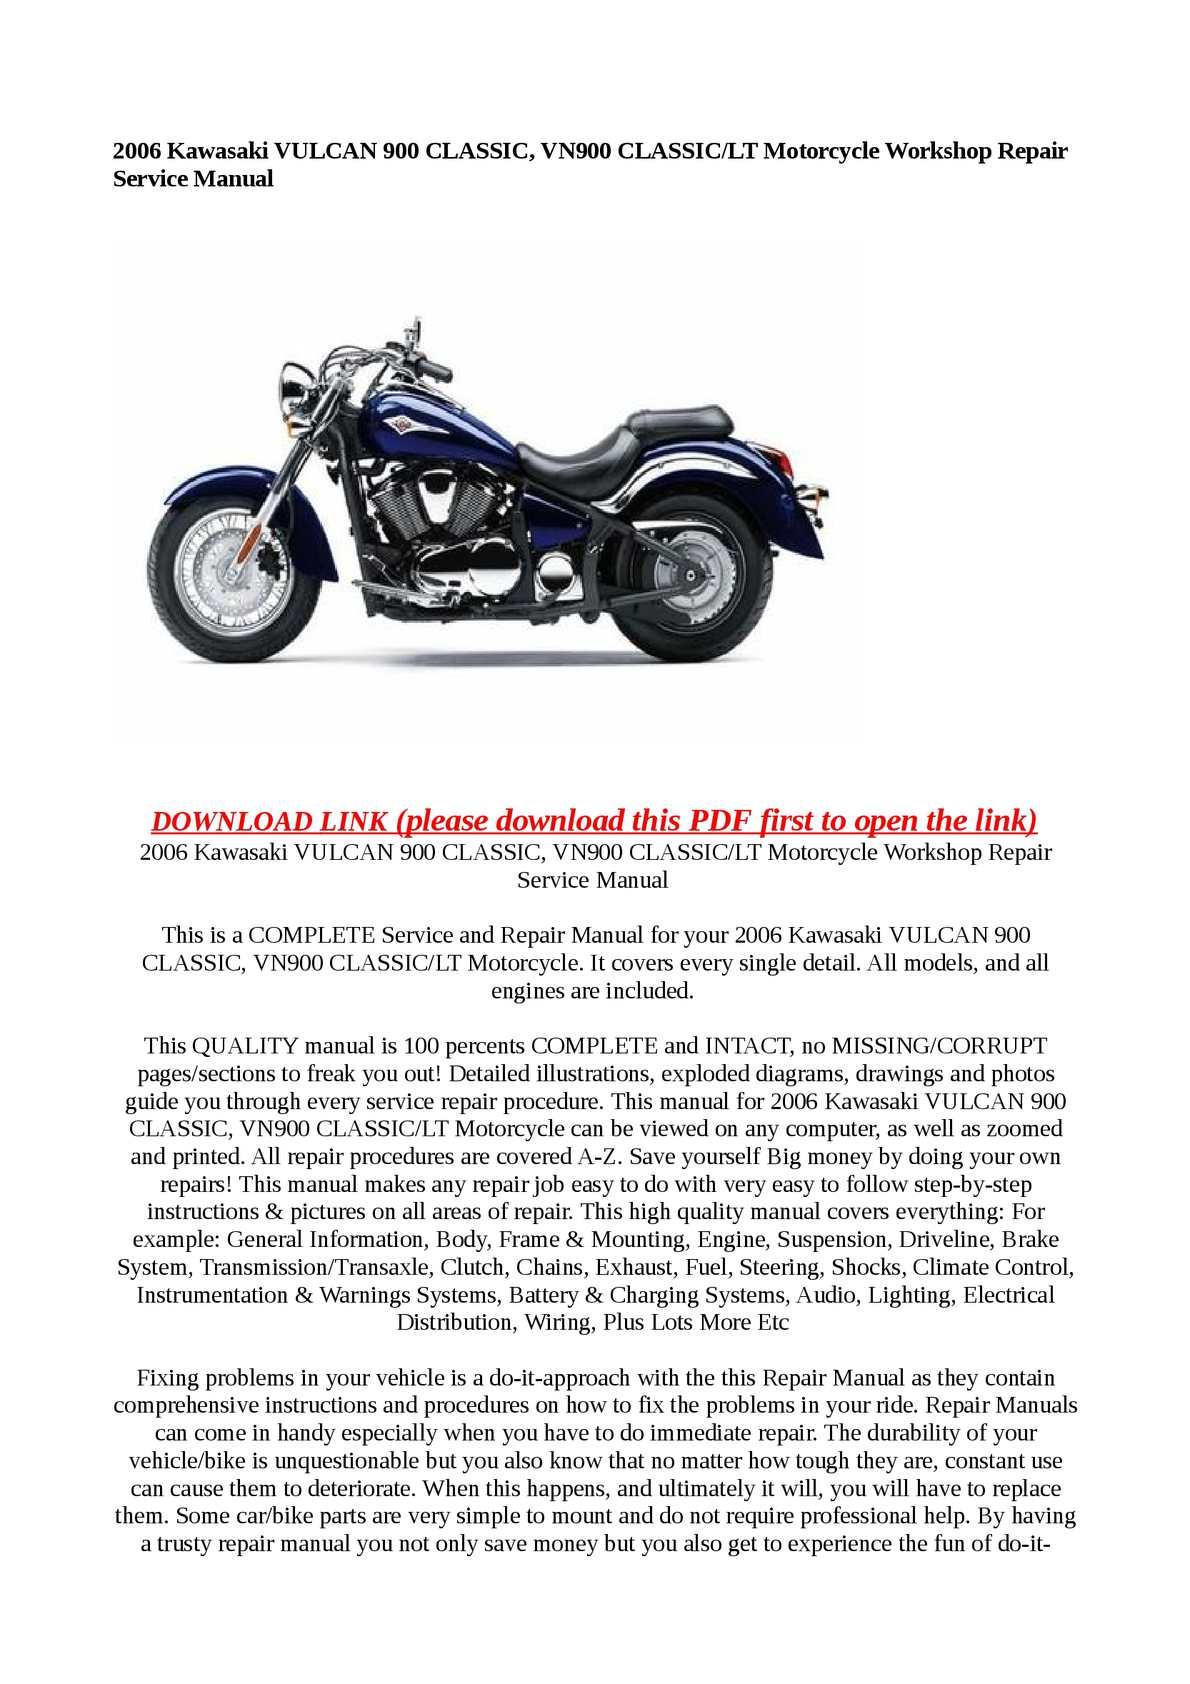 Kawasaki vulcan 900 lt owners manual owners guide books.